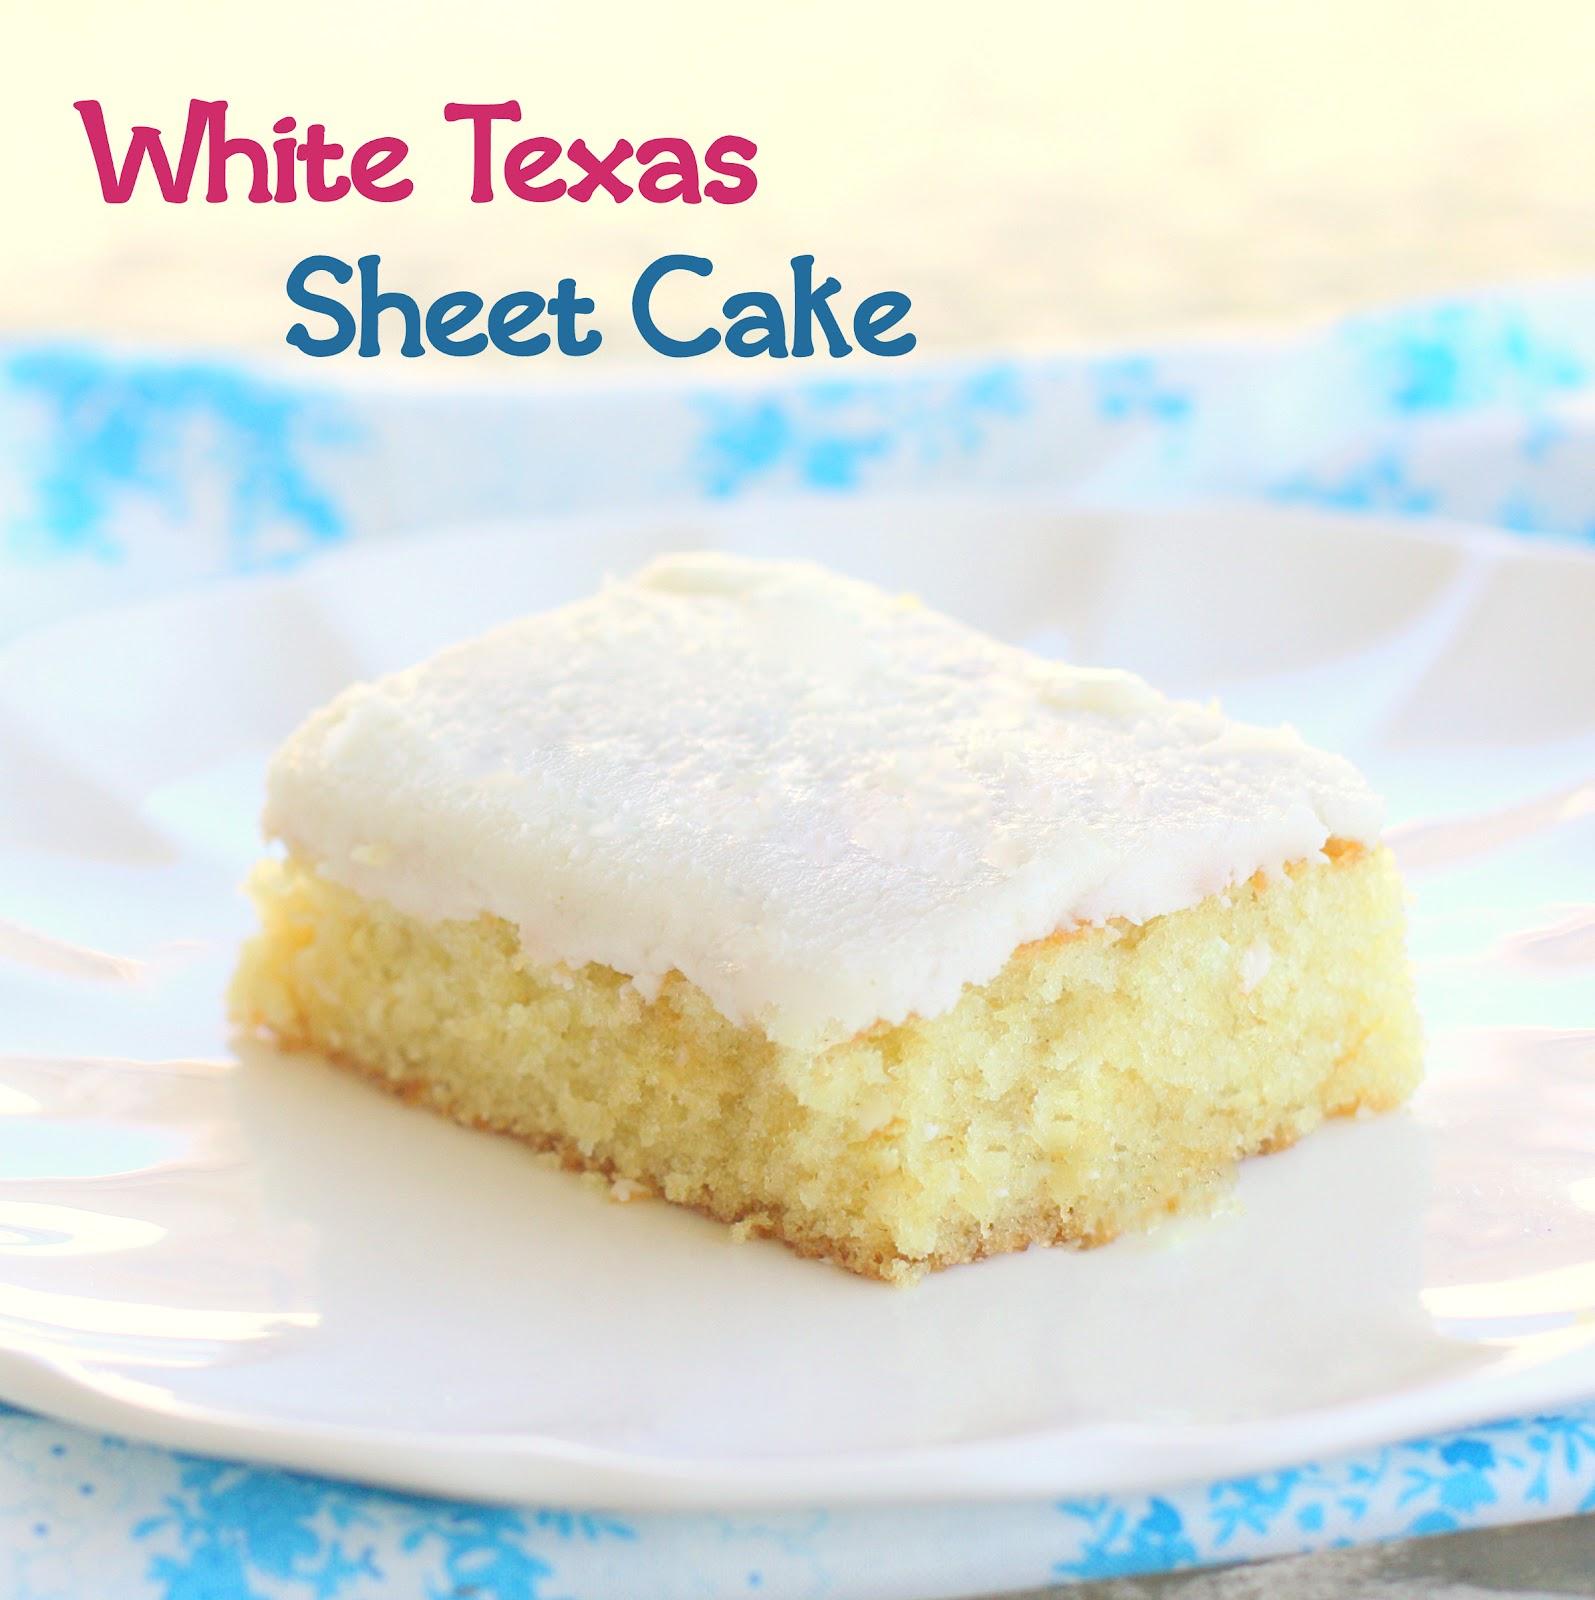 White Texas Sheet Cake With White Cake Mix